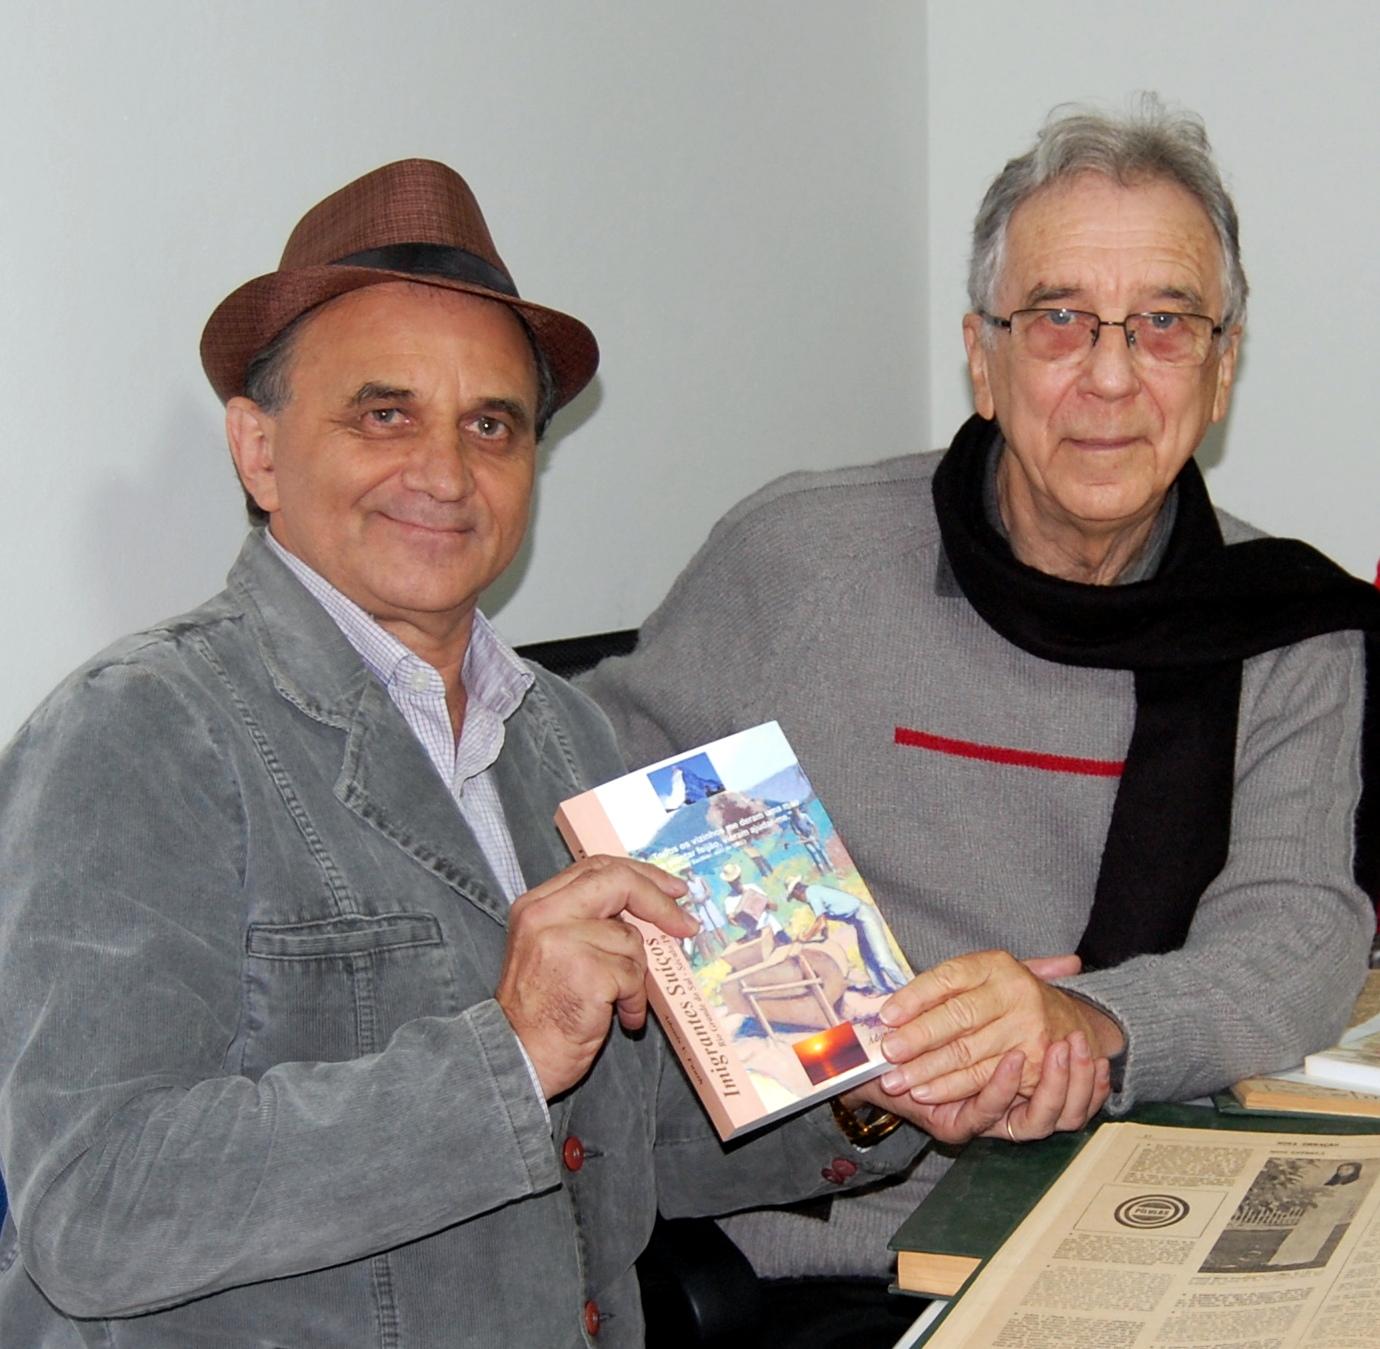 Airton Engster dos Santos e Dr. Adonis Fauth